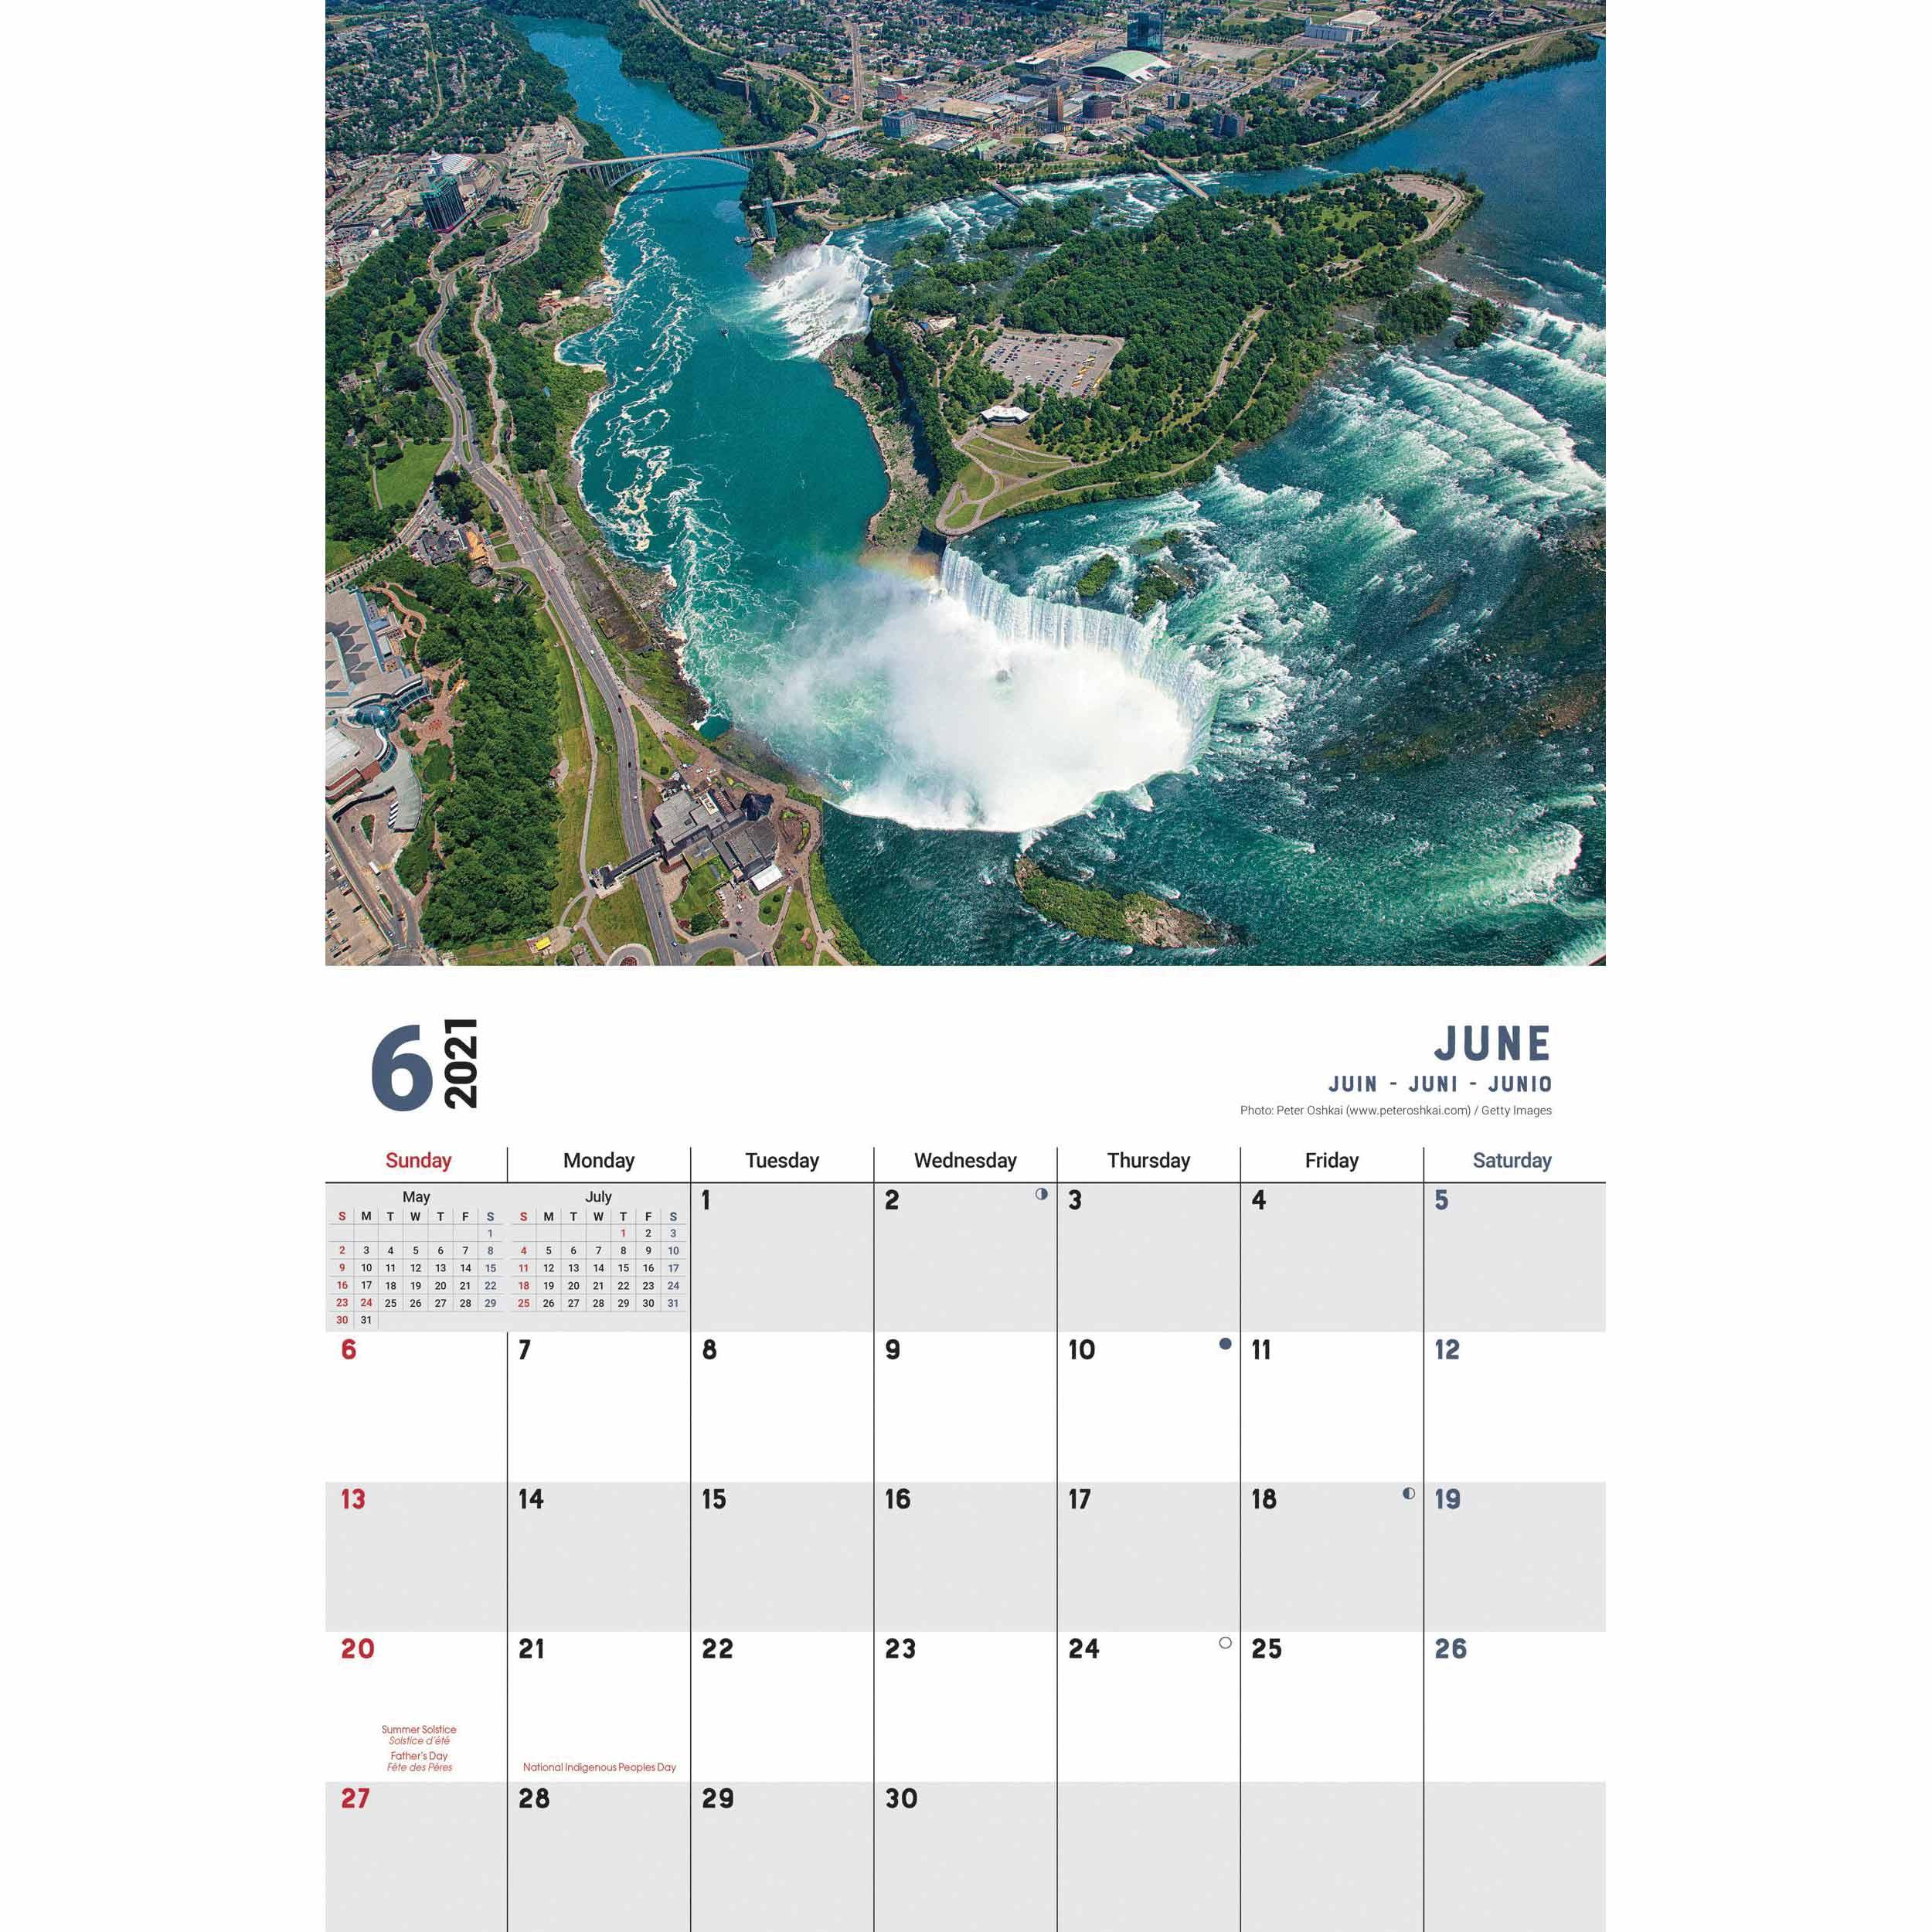 Niagara Falls A4 Calendar 2021 At Calendar Club With Regard To Niagara Falls School Calendar 2021